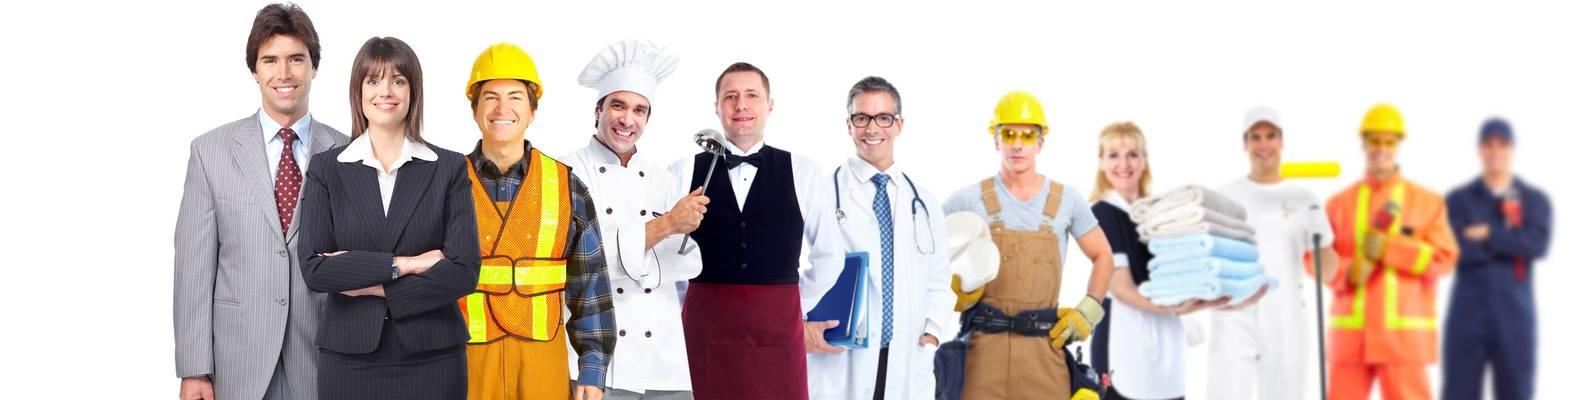 Как найти работу в кракове: востребованные вакансии